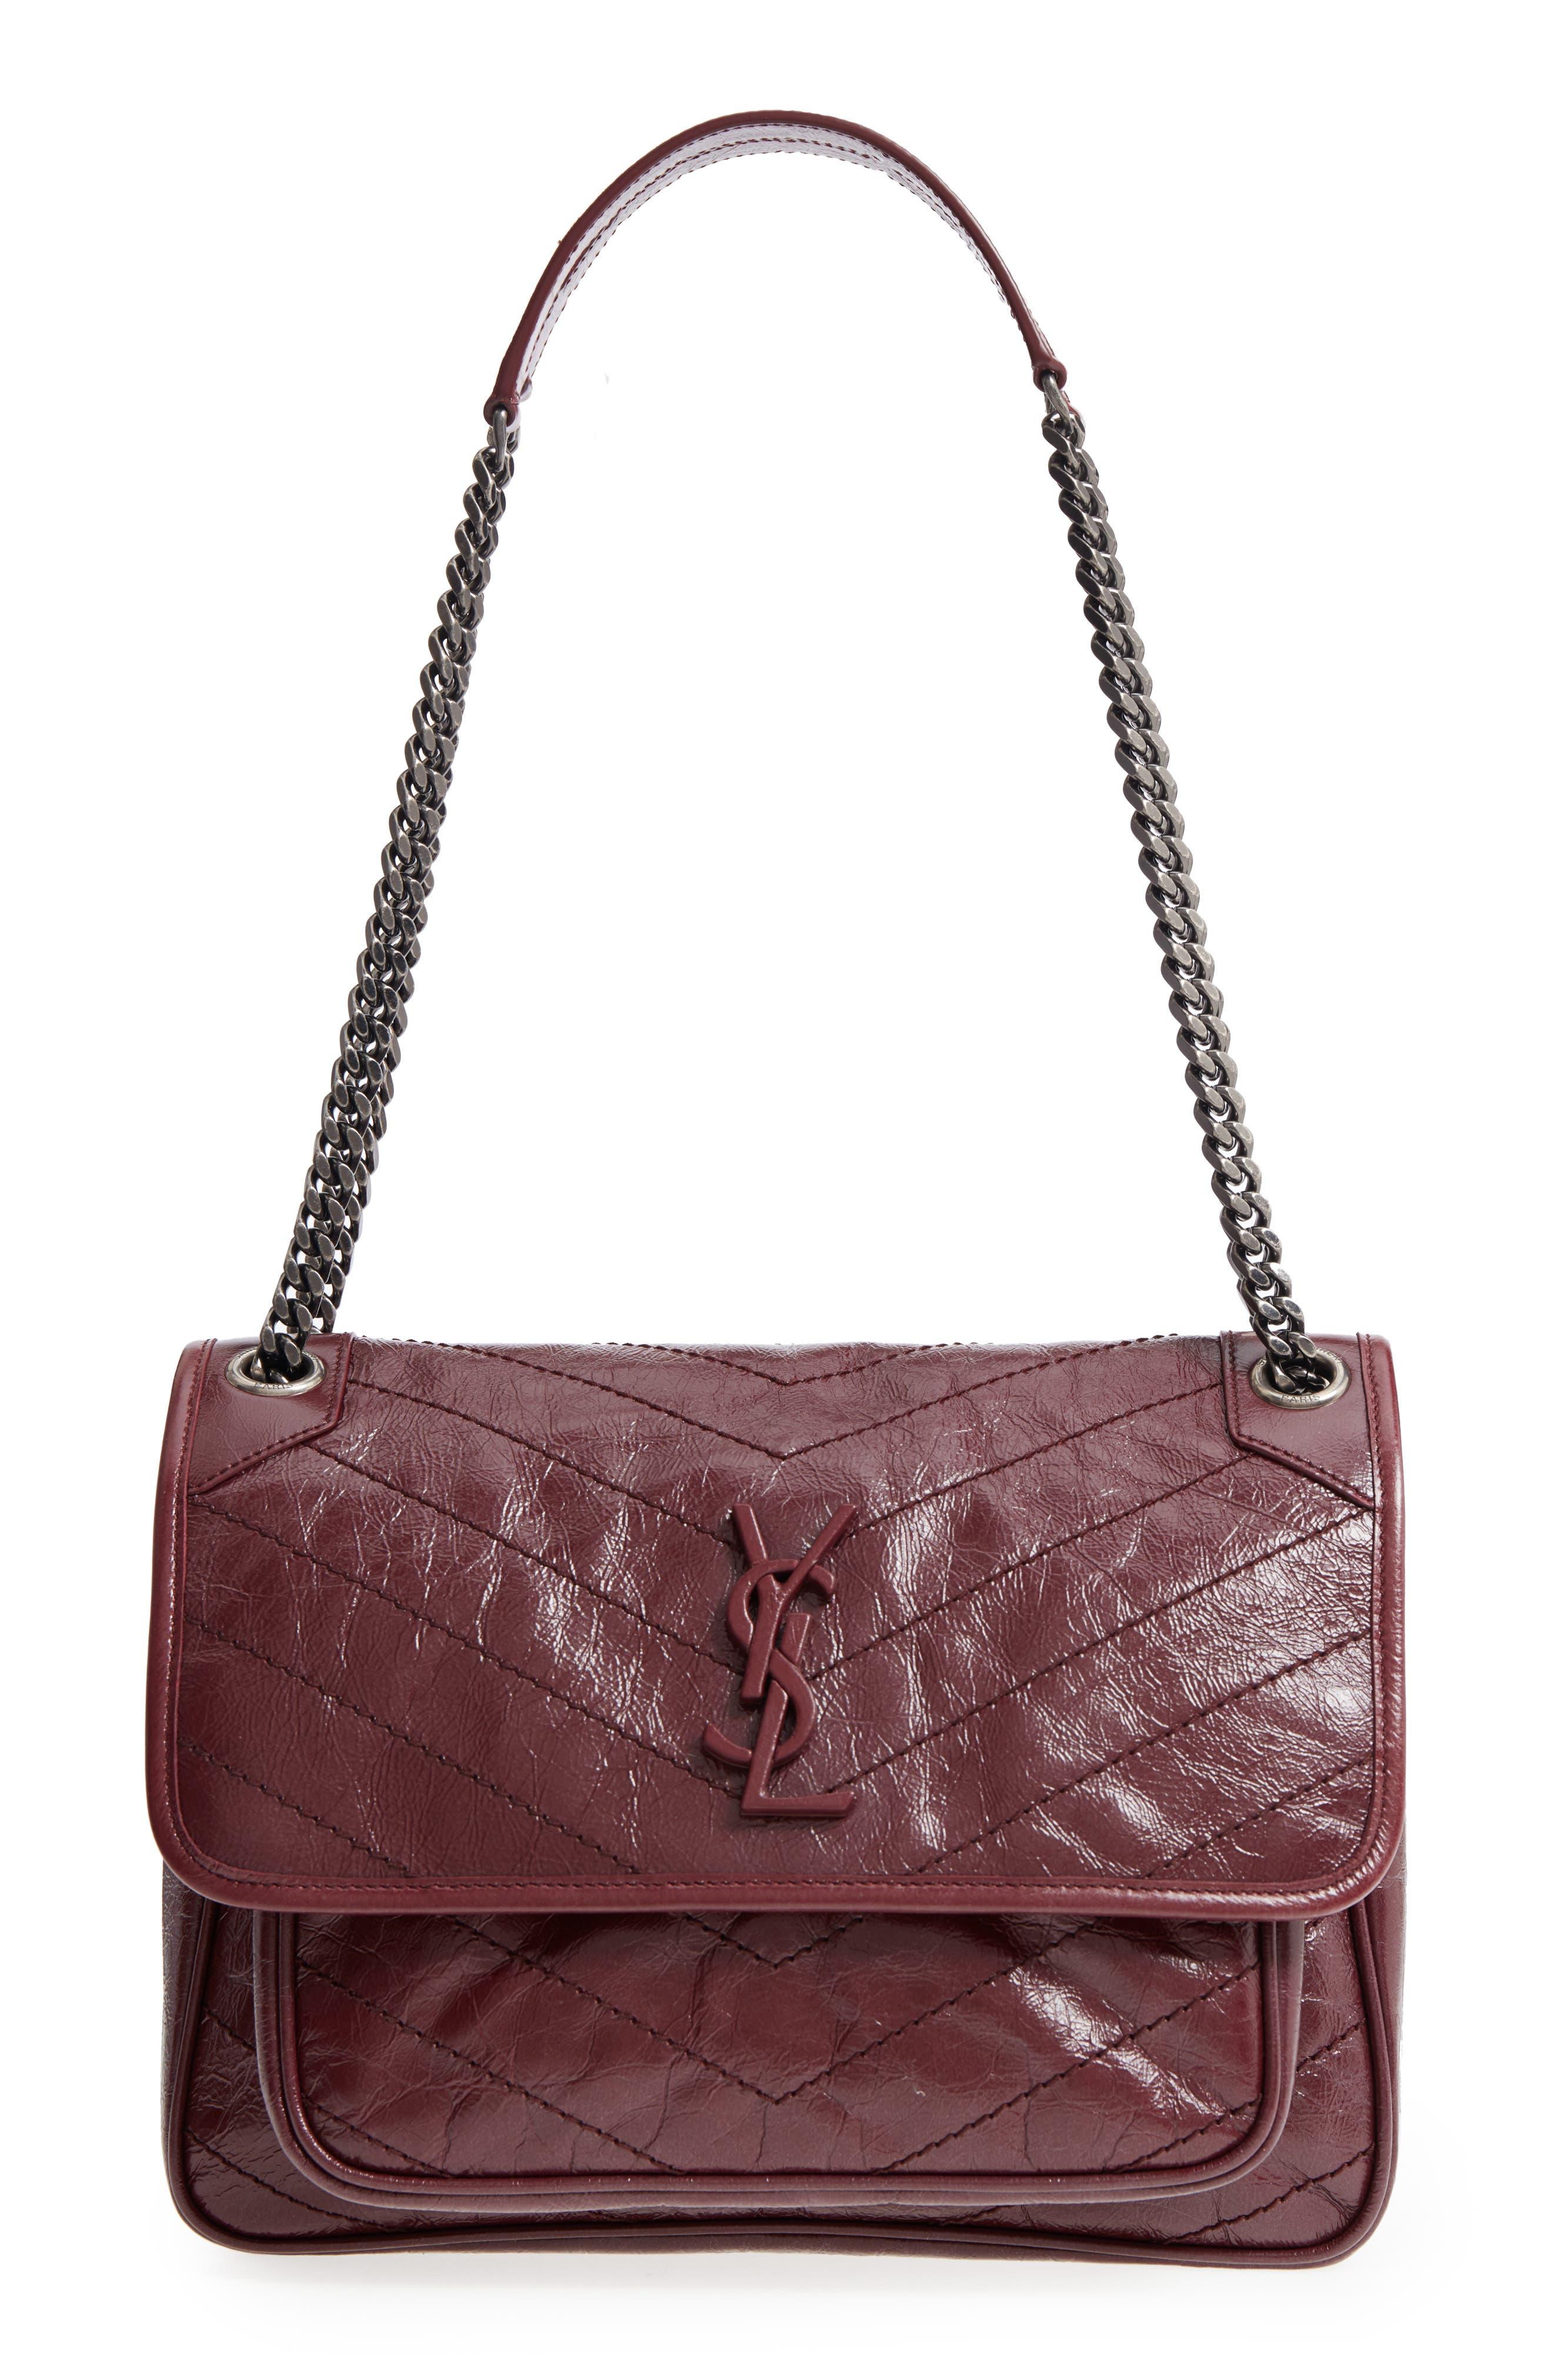 Saint Laurent Medium Niki Leather Shoulder Bag | Nordstrom